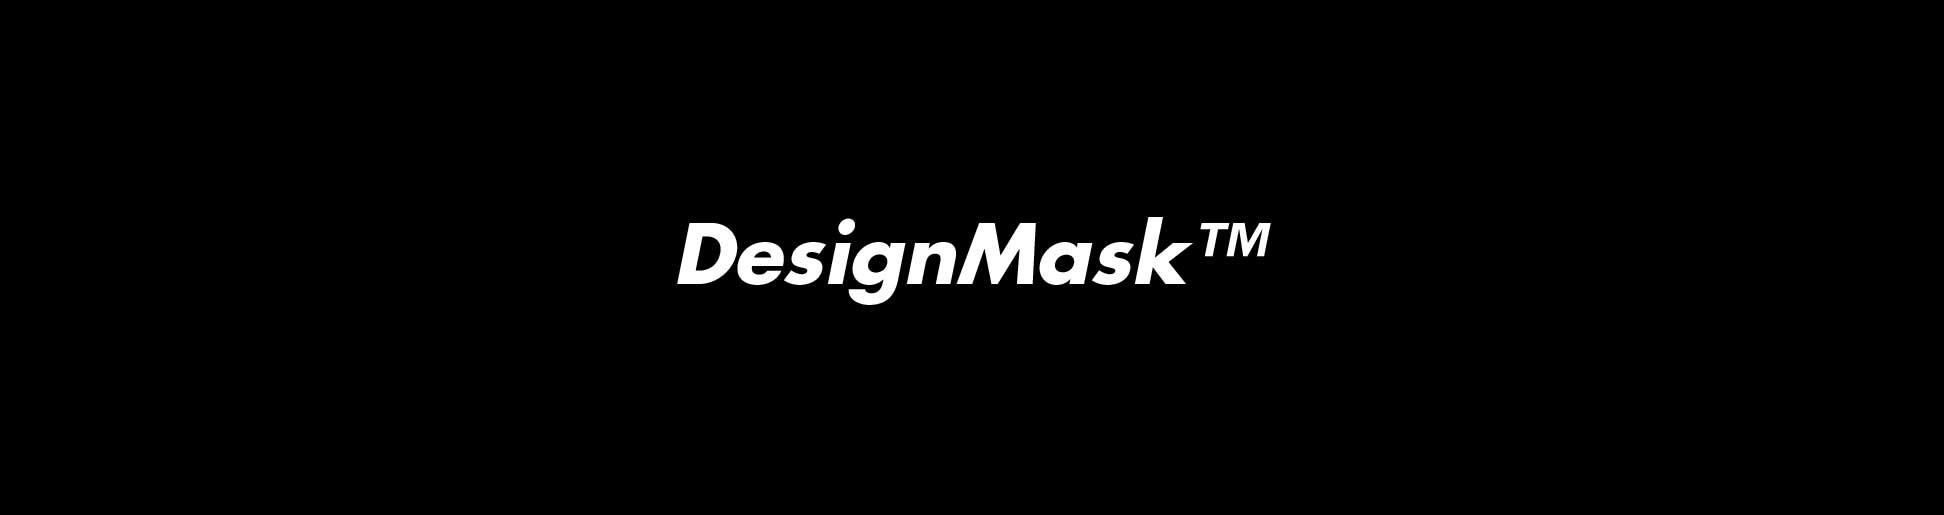 オリジナルマスクの特徴